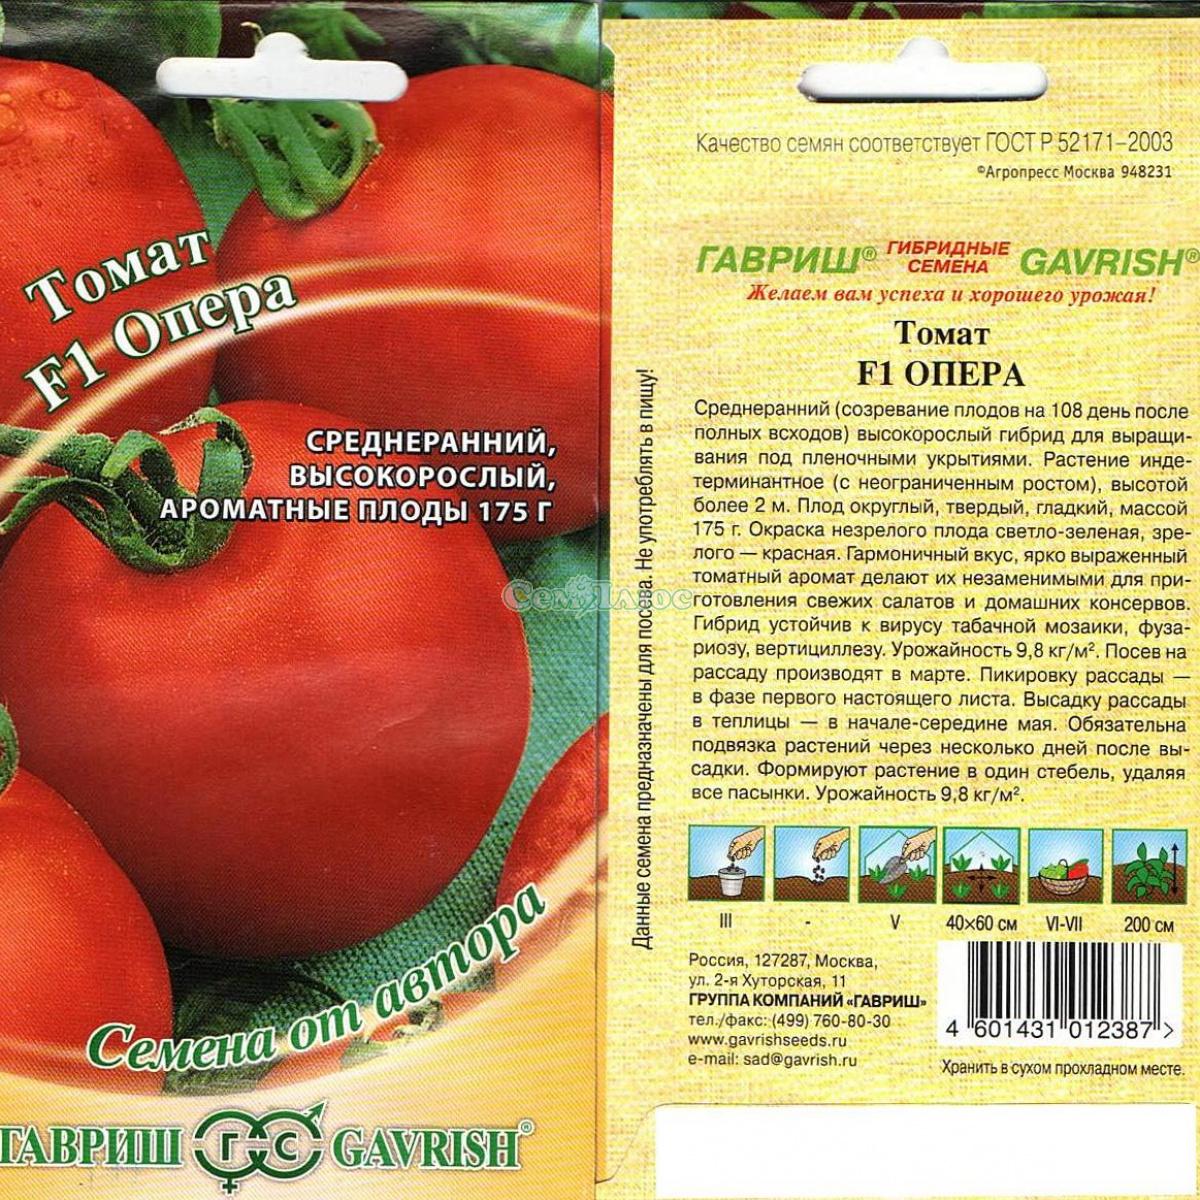 Особенности и выращивание лучших сортов помидоров грушевидной формы